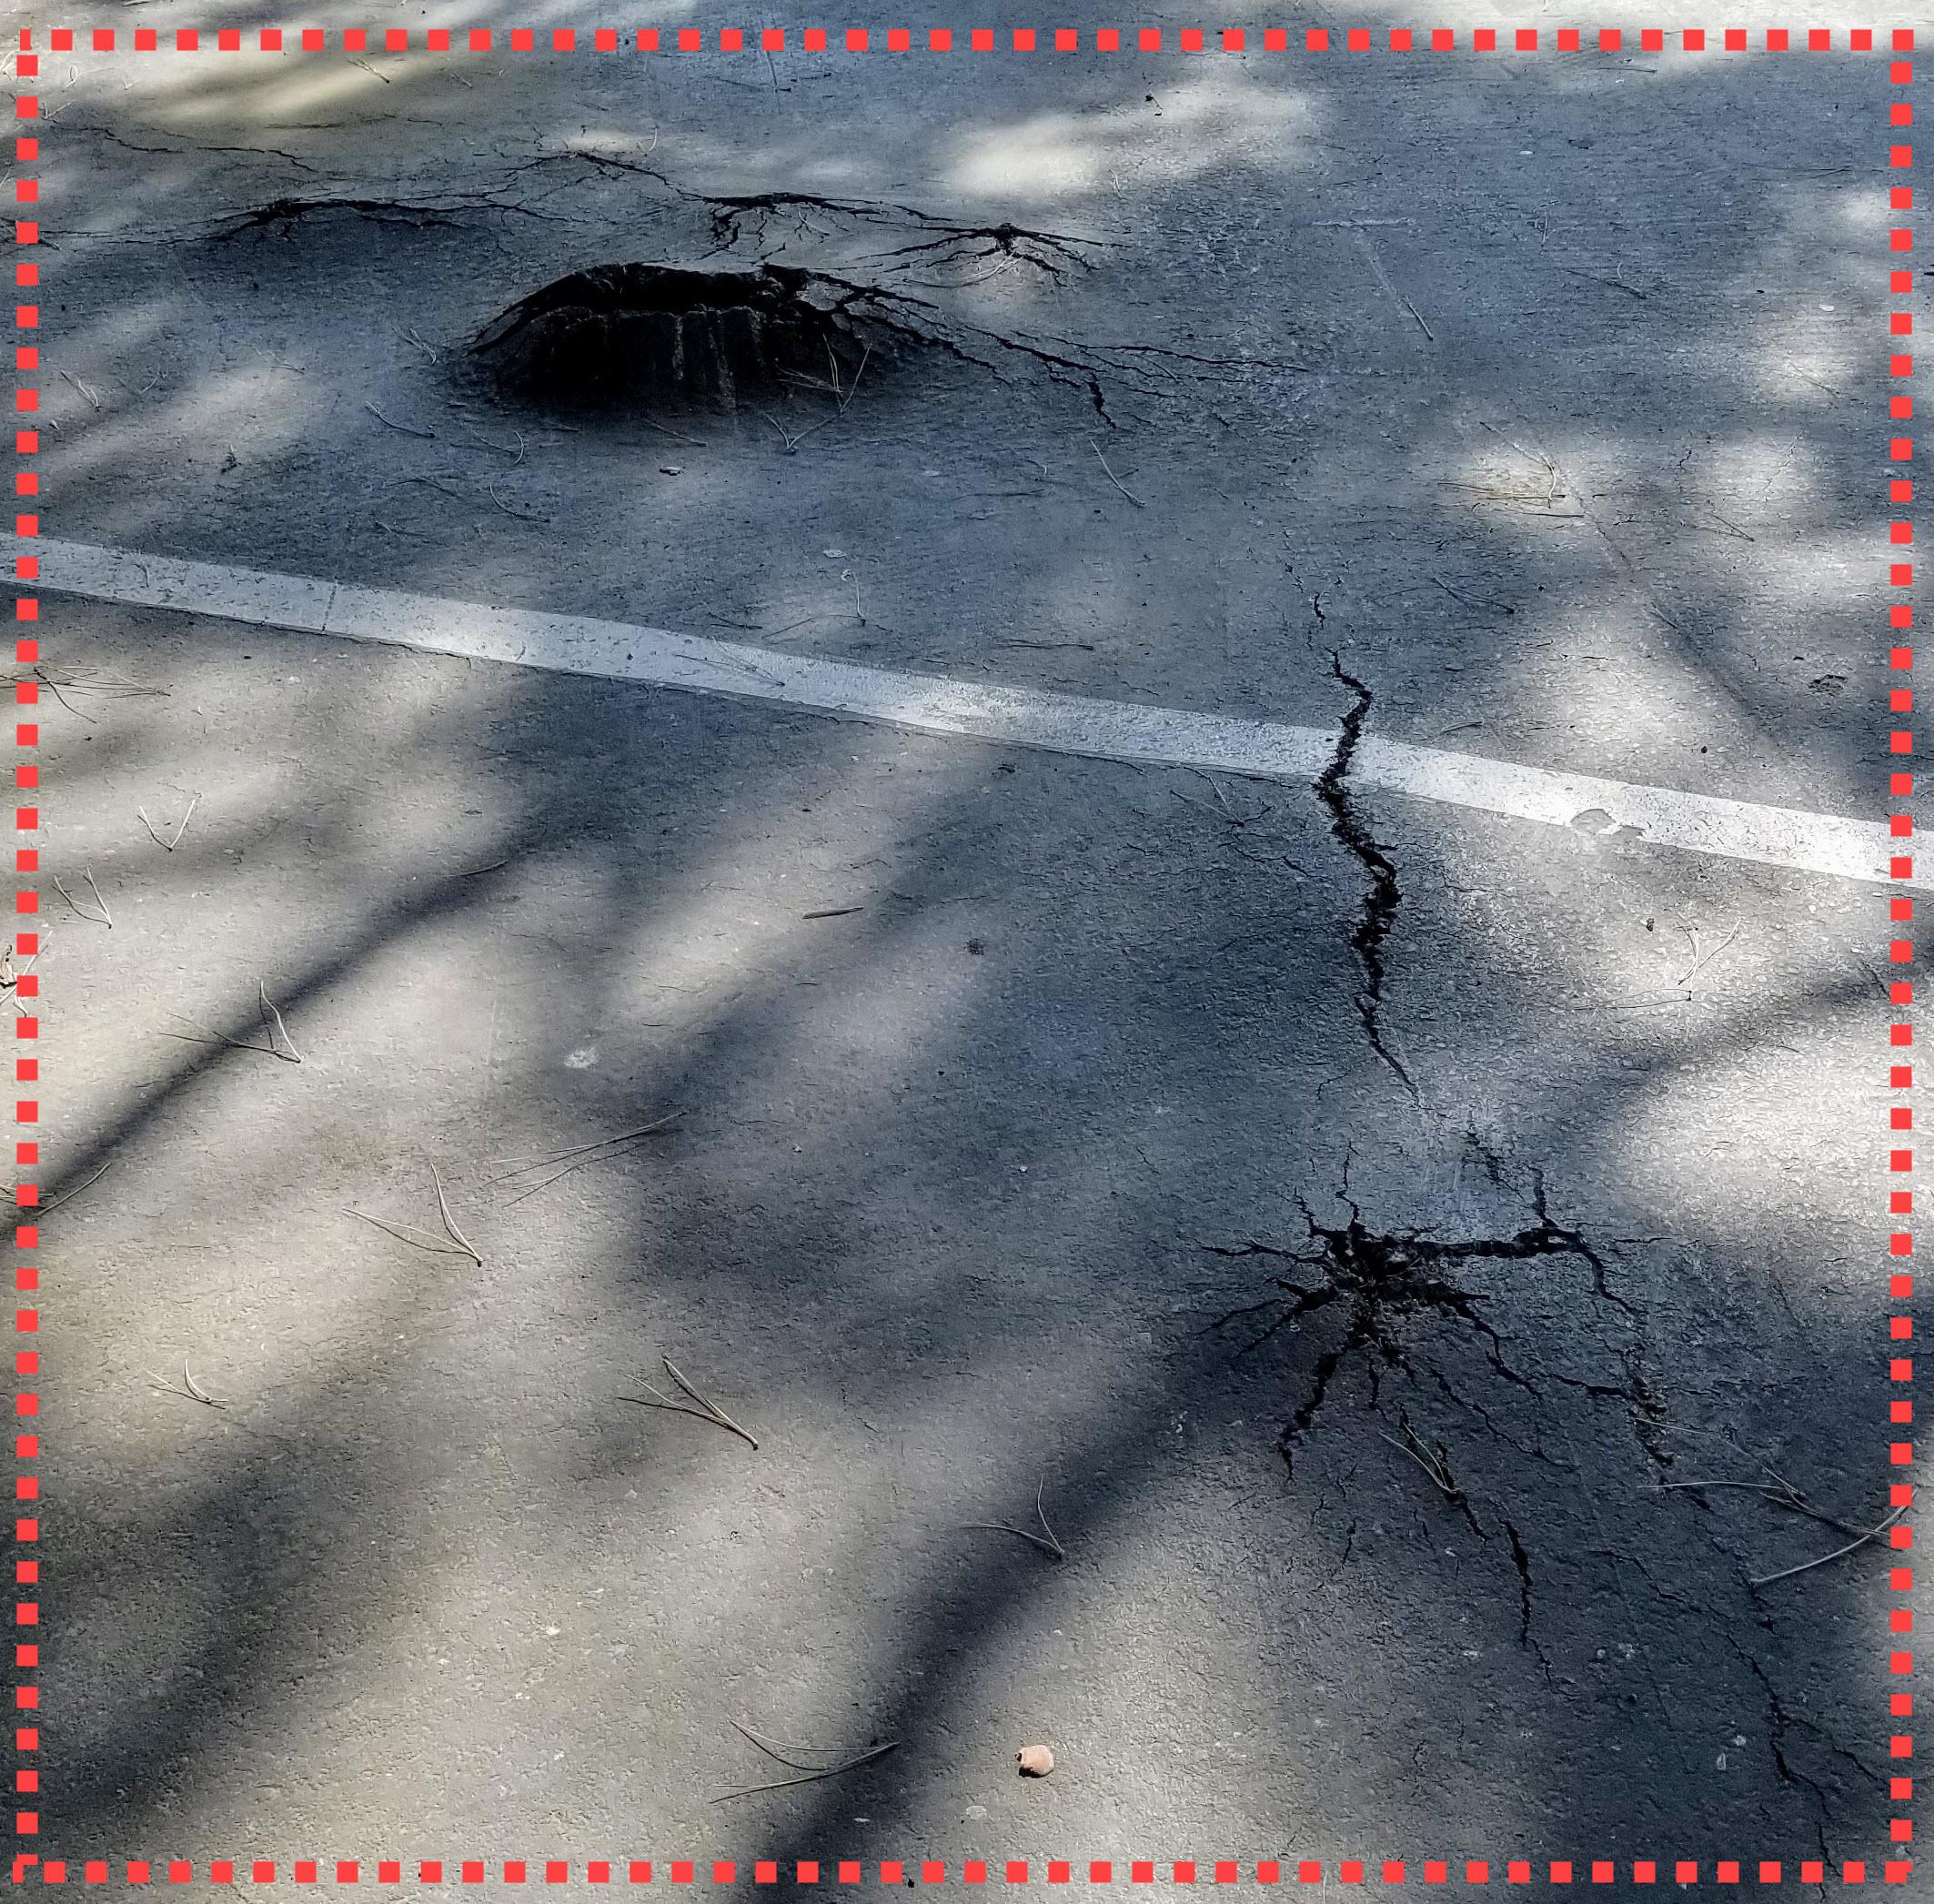 Roots Damaging Asphalt